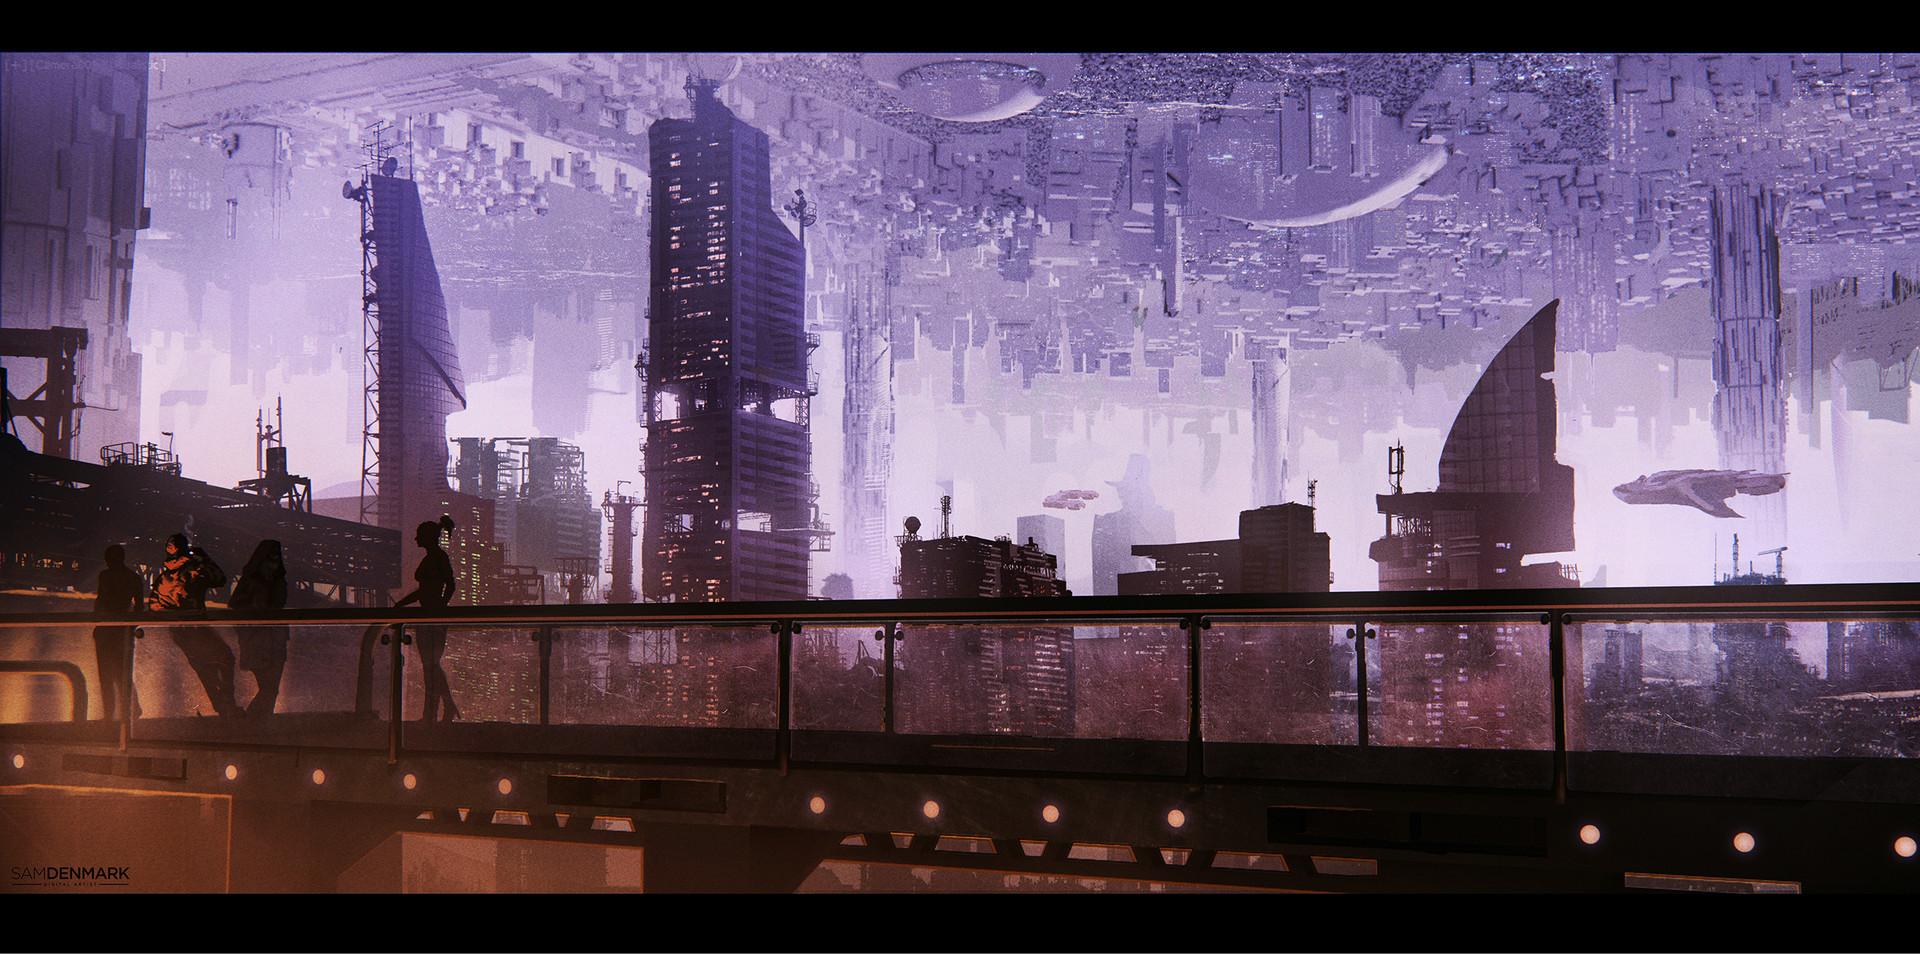 Sam denmark dystopia2mr